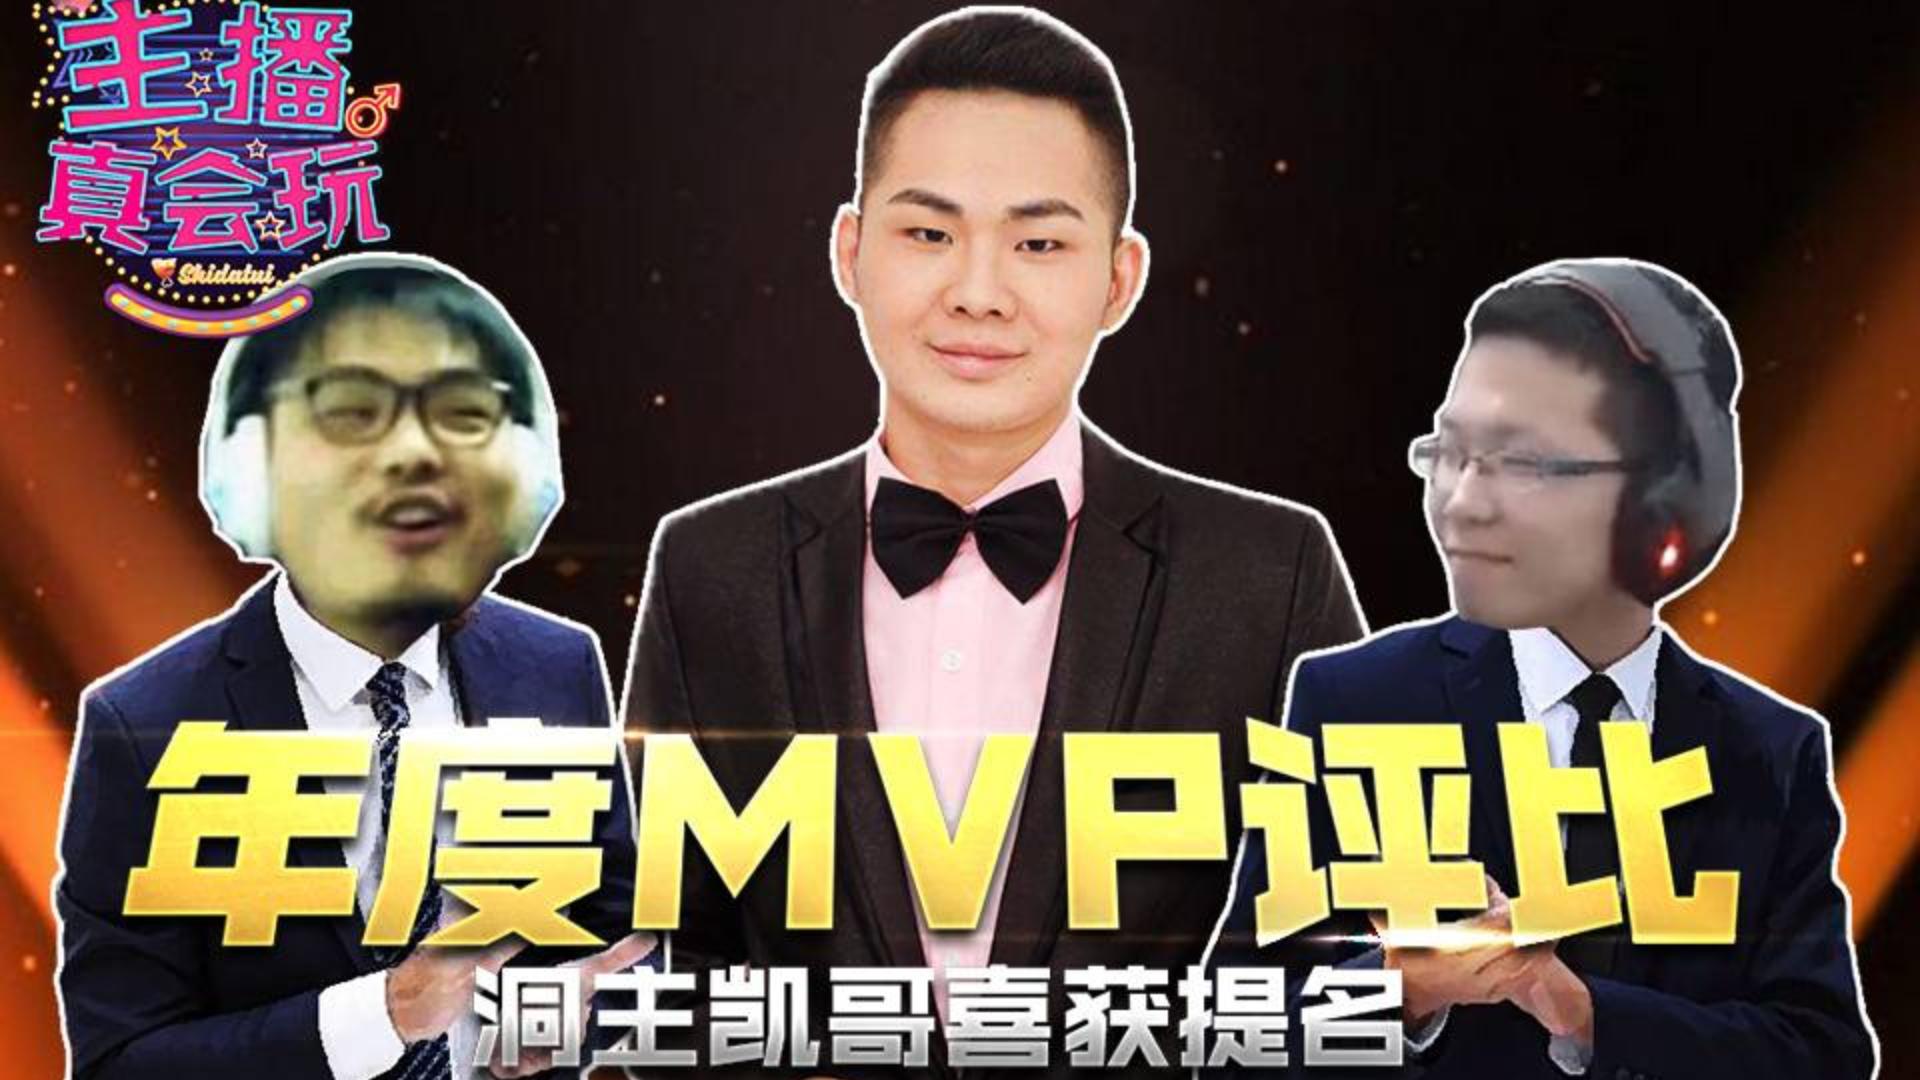 【主播真会玩】177:年度MVP评比,洞主凯哥喜获提名